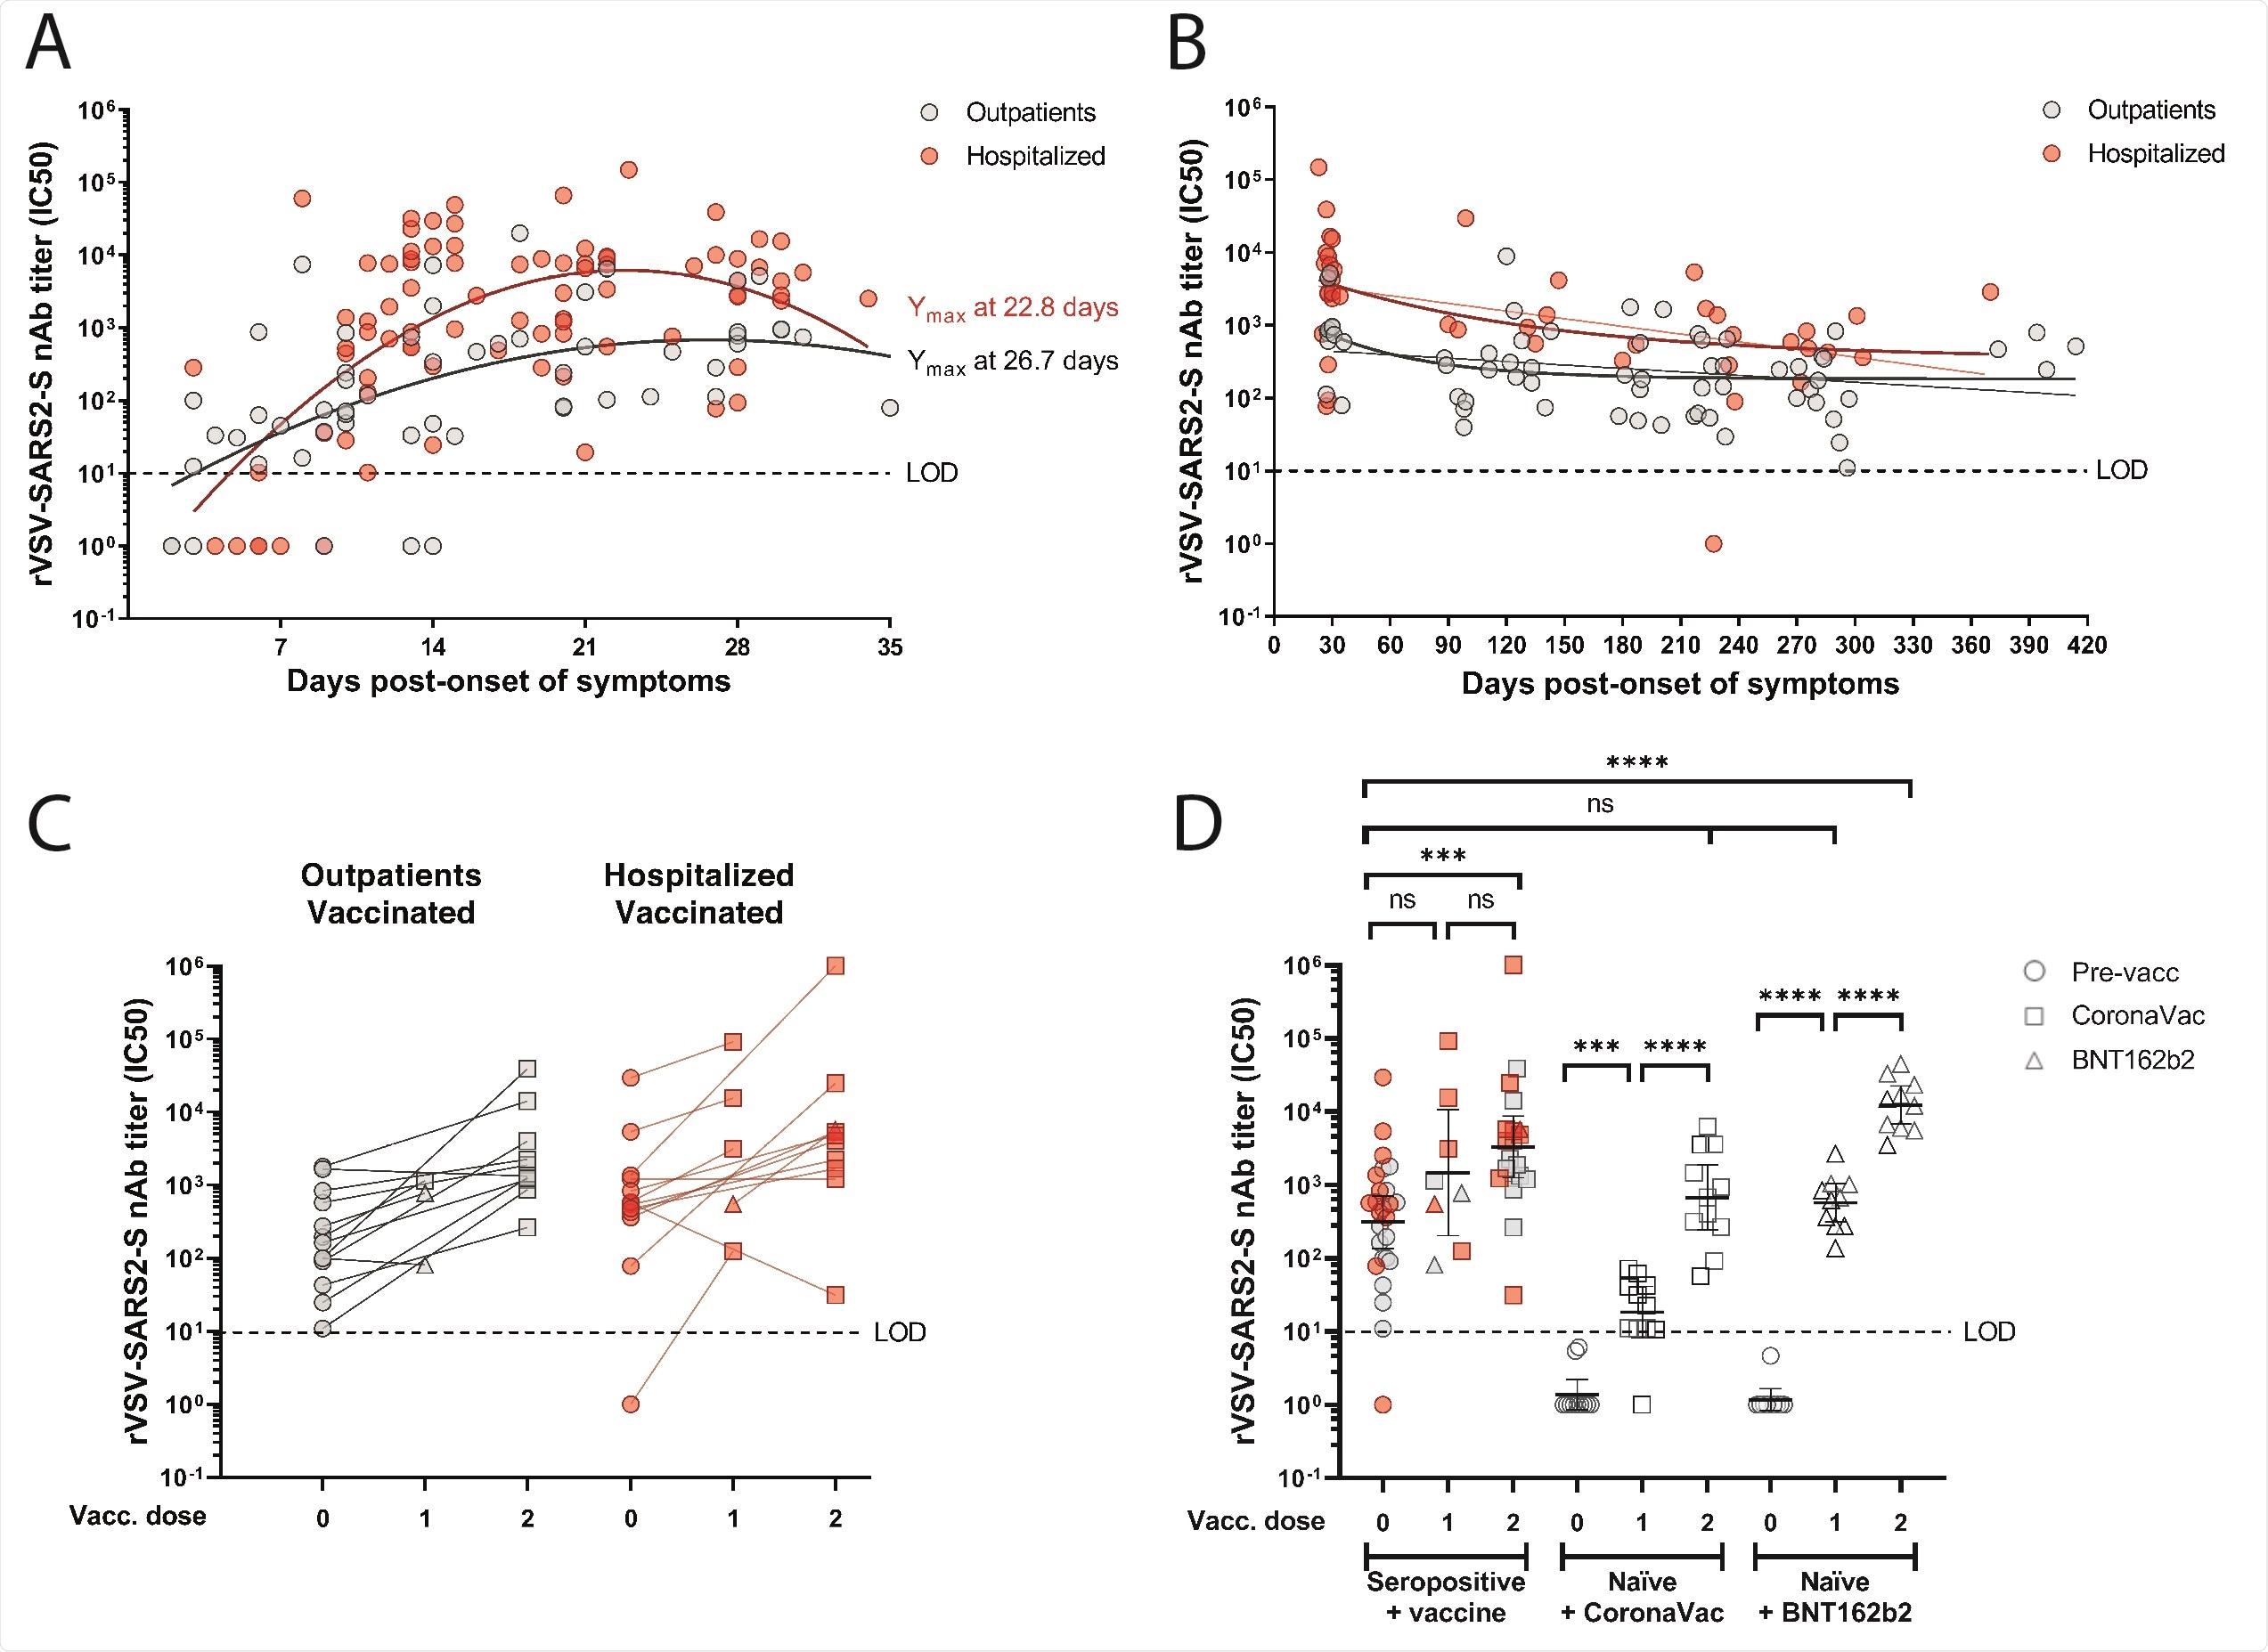 在冠状病毒或BNT162b2疫苗接种前后,中和血清阳性和naïve个体对SARS-CoV-2的抗体反应。(图A ~ D)采用微中和法测定重组水泡性口炎病毒携带SARS-CoV-2刺突蛋白(rVSV-SARS2-S)的血清半数最大抑制浓度(IC50)。(面板a)从15位门诊剂(57个样品)中和抗体(IC 50)中和抗体(IC 50)和26位住院(84个样品;红色圆圈)症状发作后2至36天。采用二阶多项式(二次)曲线拟合确定峰值滴度发生的天数(Ymax)。(B组)从第27天(门诊患者)或第23天(住院患者)到症状后发病第414天,36名门诊患者(66个样本)和31名住院患者(44个样本)的nAb纵向滴度。单相衰减拟合用粗线表示,对应患者组的连续衰减拟合用红线和灰色细线表示。(小组C)来自13名门诊病人(26个样本)或14名住院病人(28个样本)的nAb滴度,这些人接种了一剂或两剂CoronaVac疫苗(24名参与者)或一剂或两剂BNT162b2疫苗(3名参与者)。(小组D) naïve个人接种第一剂和第二剂冠状avac(11名参与者)或BNT162b2(10名参与者)疫苗后的nAb滴度,与未接种疫苗(26名参与者)或接受一剂(8个样本)或两剂(20个样本)所示疫苗的血清阳性个人进行比较。显示了具有95%置信区间的几何平均值。圈,未接种; squares, vaccinated with CoronaVac; triangles, vaccinated with BNT162b2. Dashed line indicates the limit of detection (LOD) of the microneutralization assay.